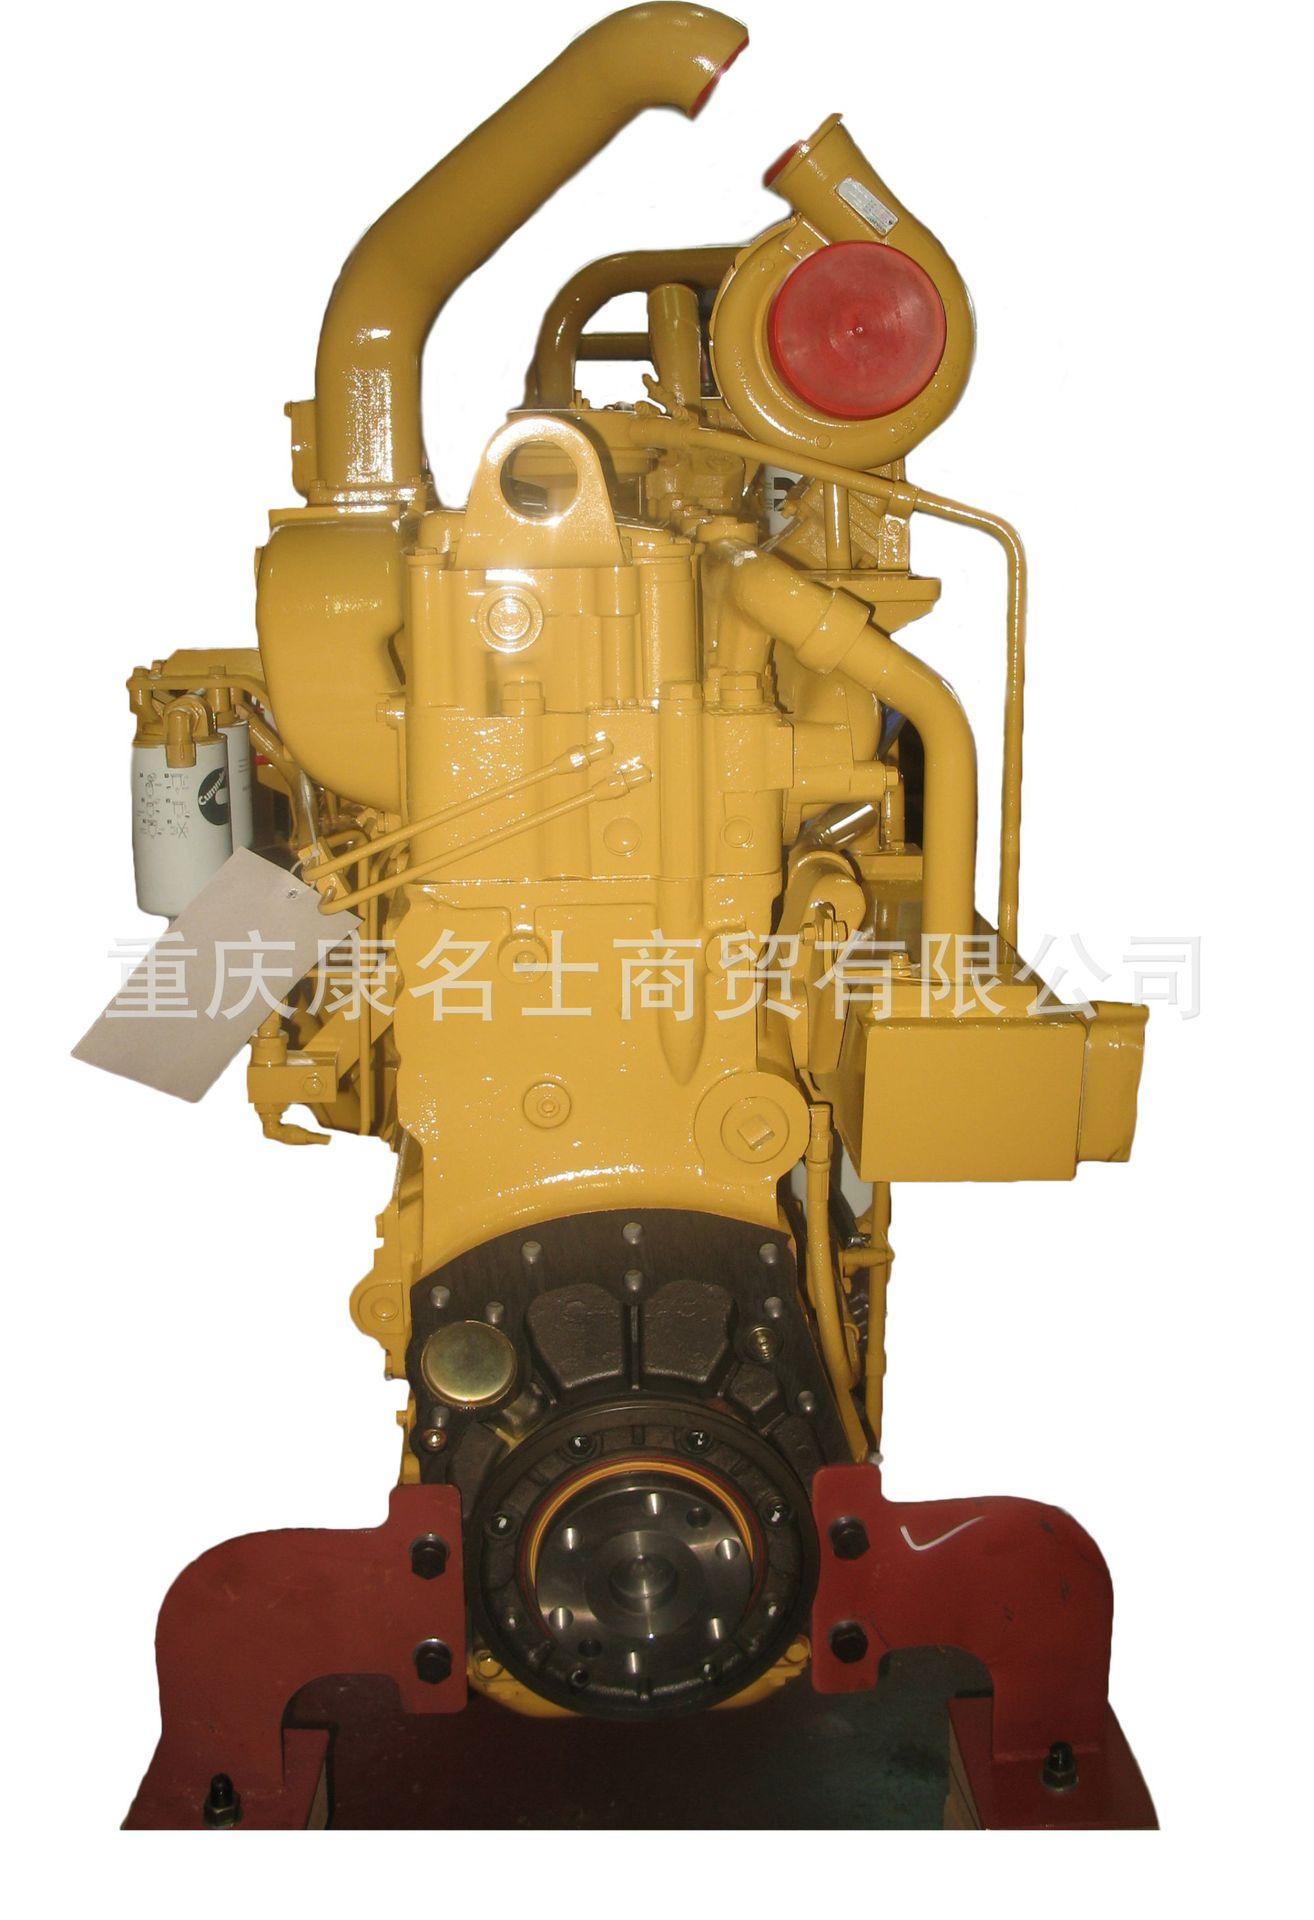 5341025康明斯交流发电机ISL9.5e4发动机配件厂价优惠